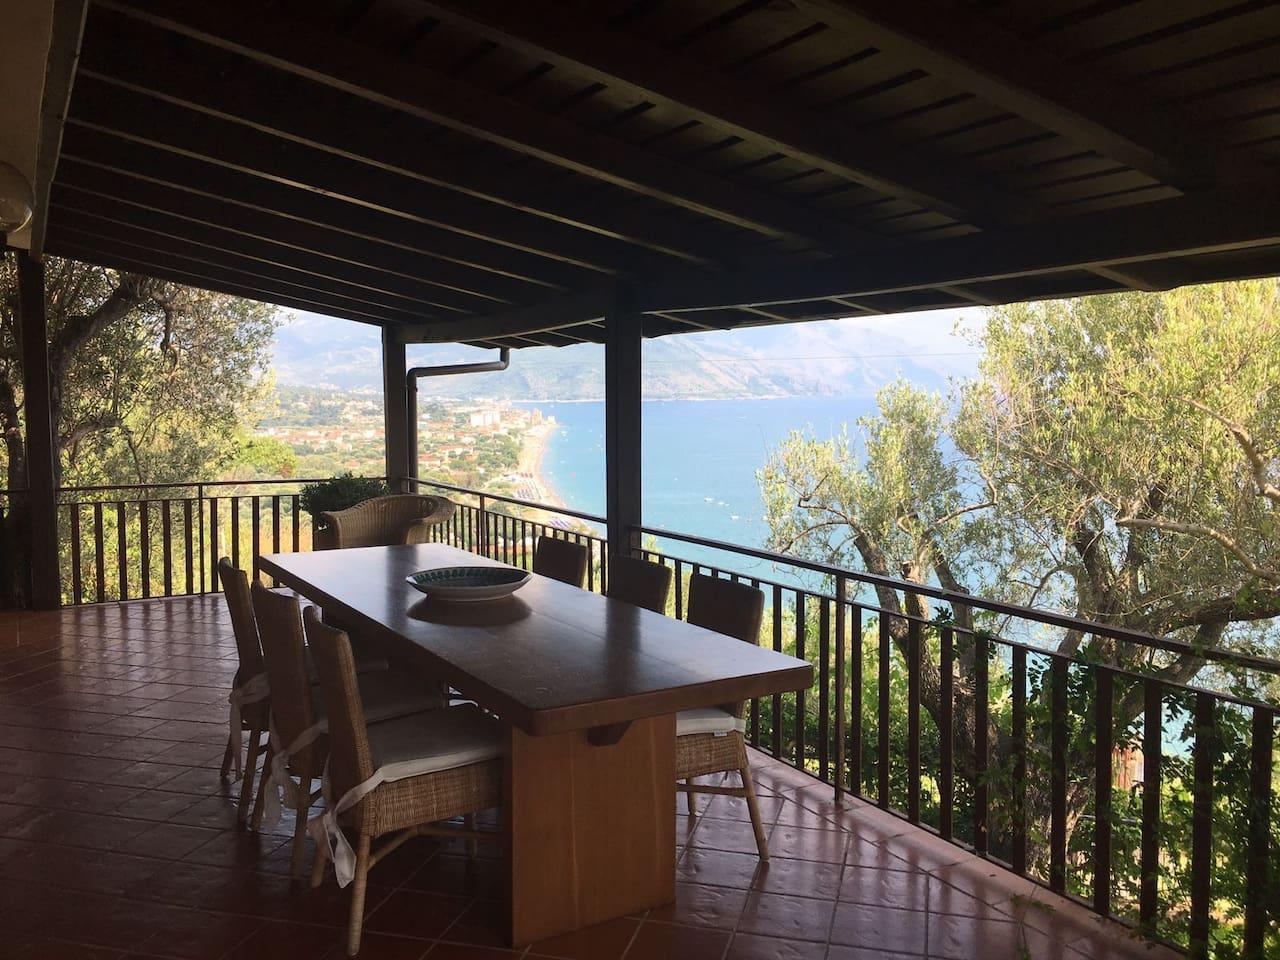 Tavolo panoramico in terrazza.